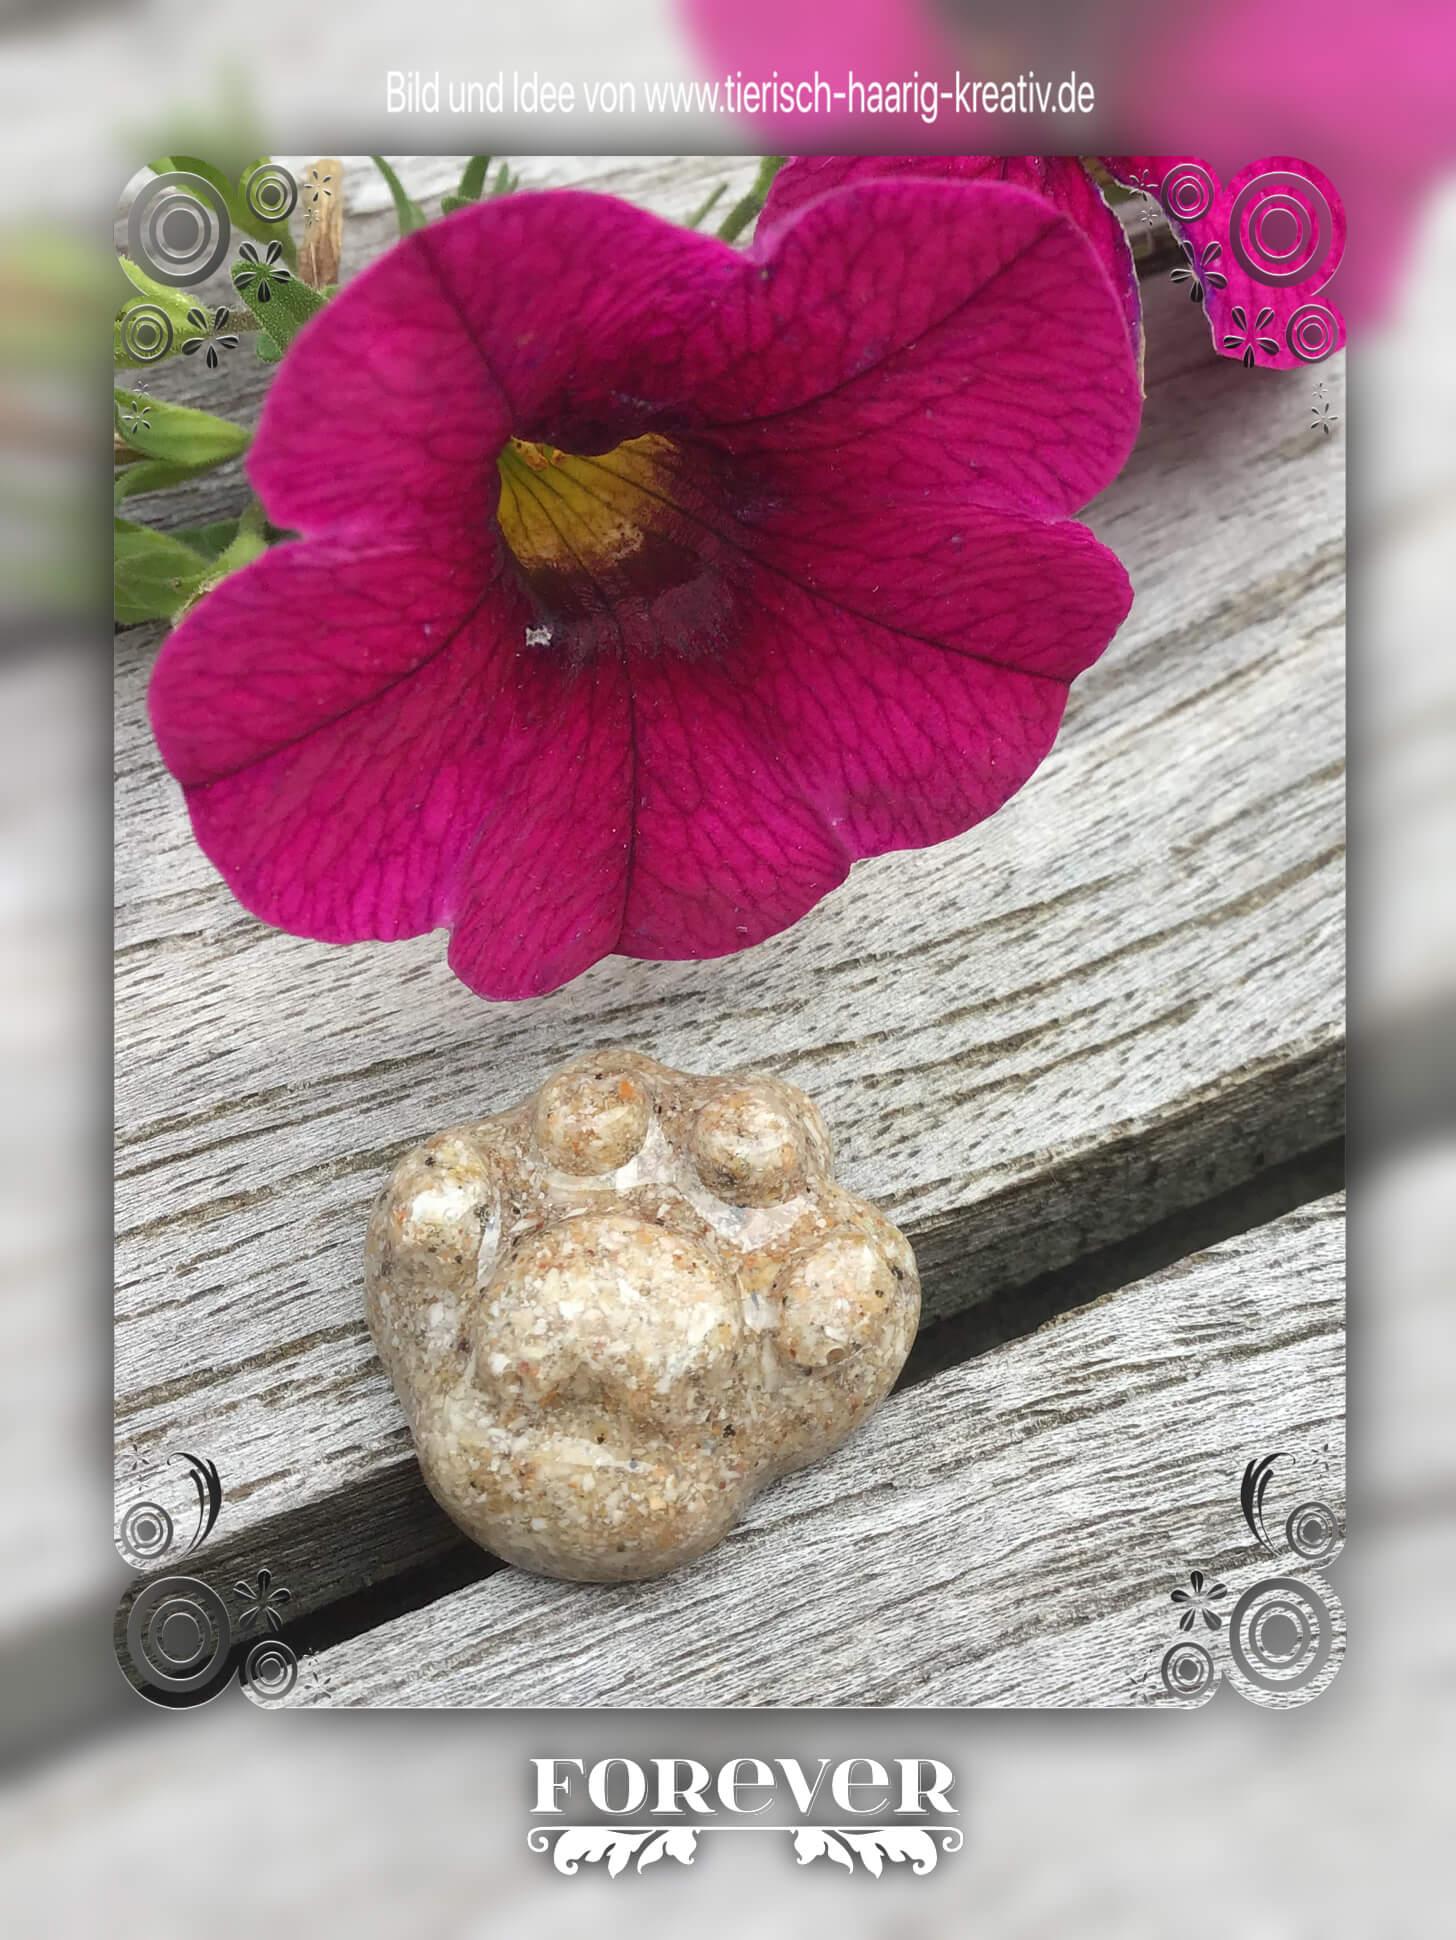 Kleine Pfote Engel ca 4 cm in Edelstahl * 22,50 Alle angegebenen Preise sind Gesamtpreise (ggf. zzgl. Versandkosten).